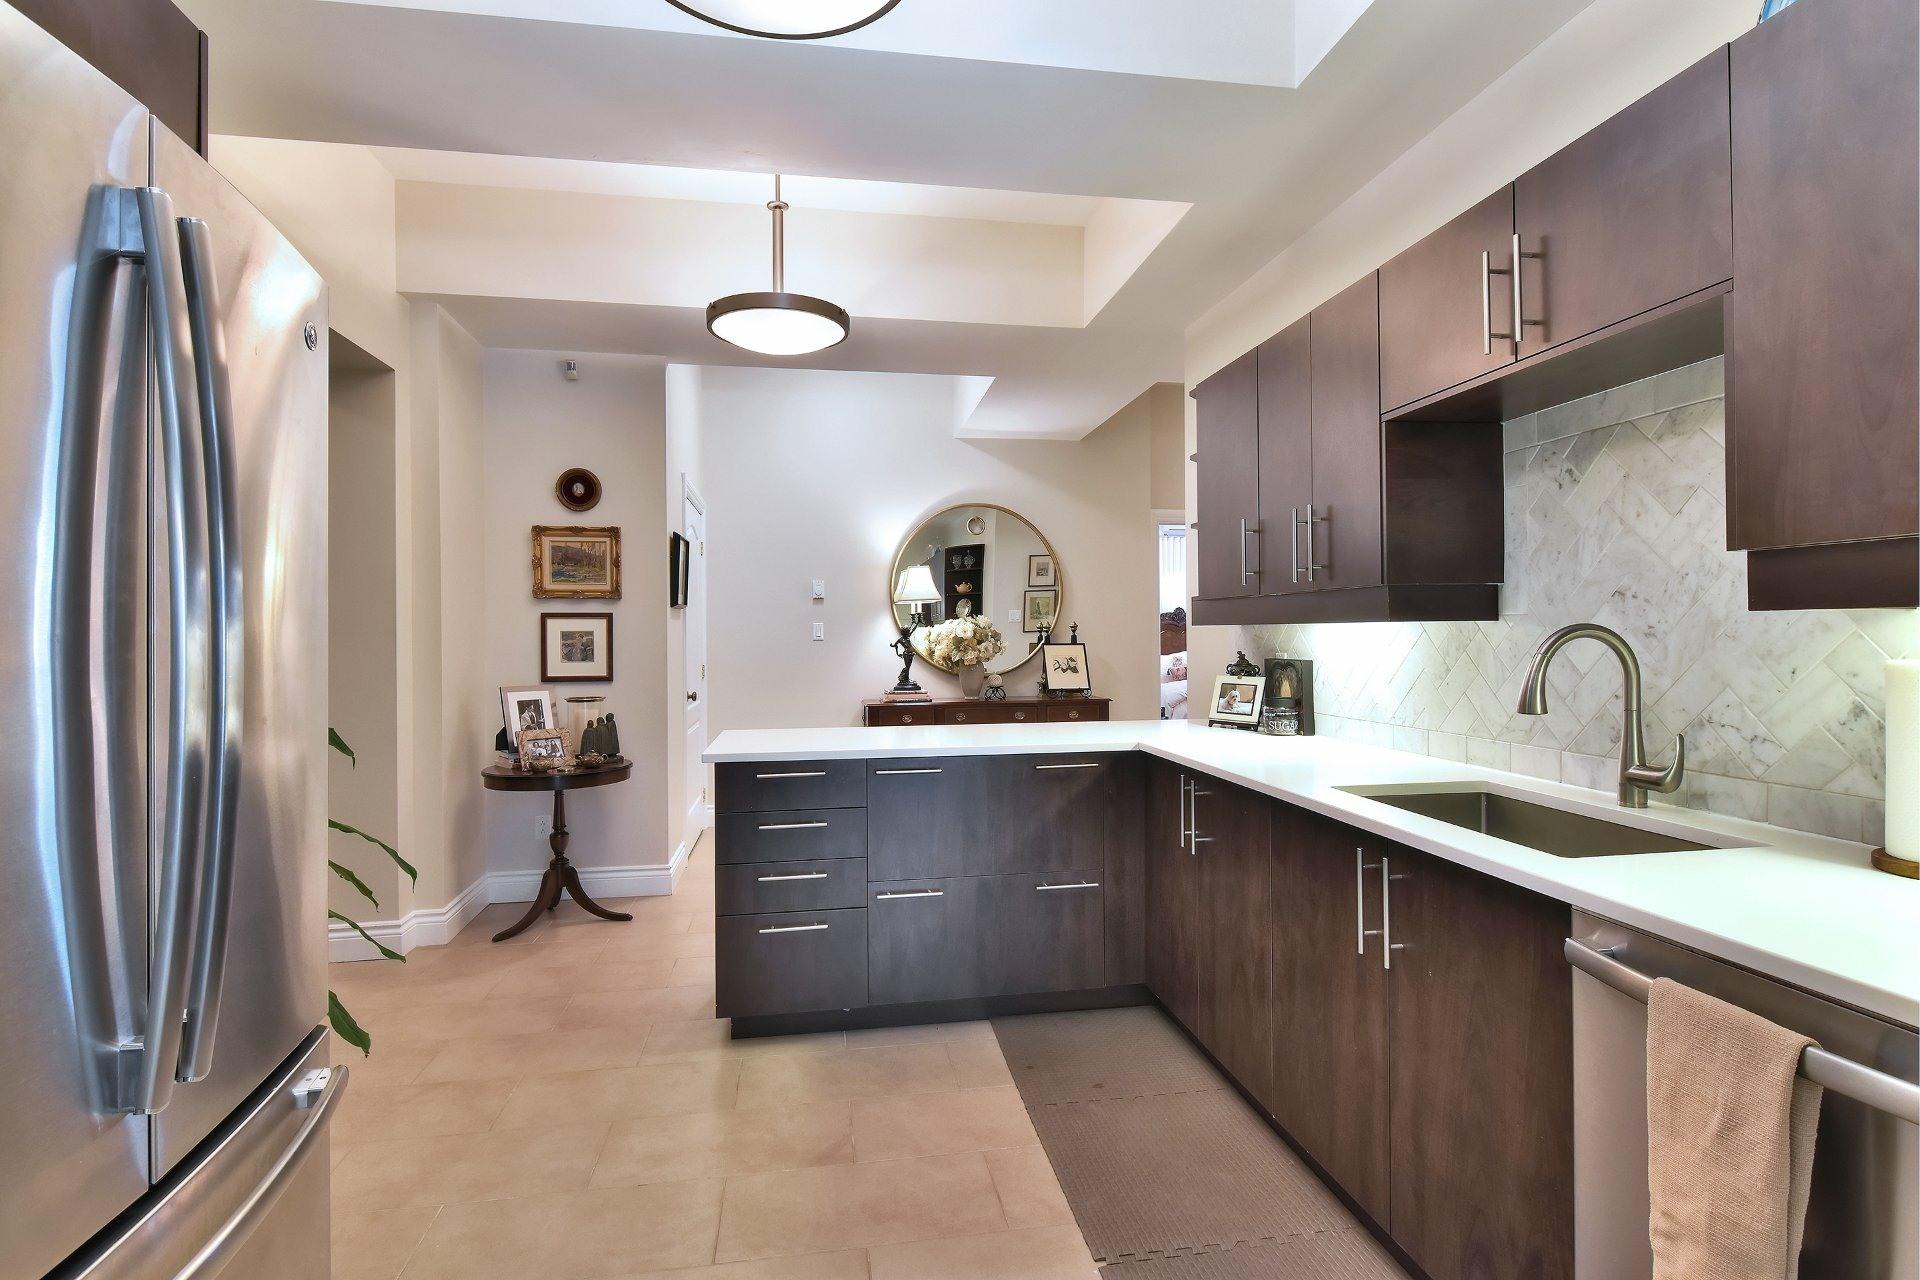 image 15 - Apartment For sale Montréal Côte-des-Neiges/Notre-Dame-de-Grâce  - 5 rooms